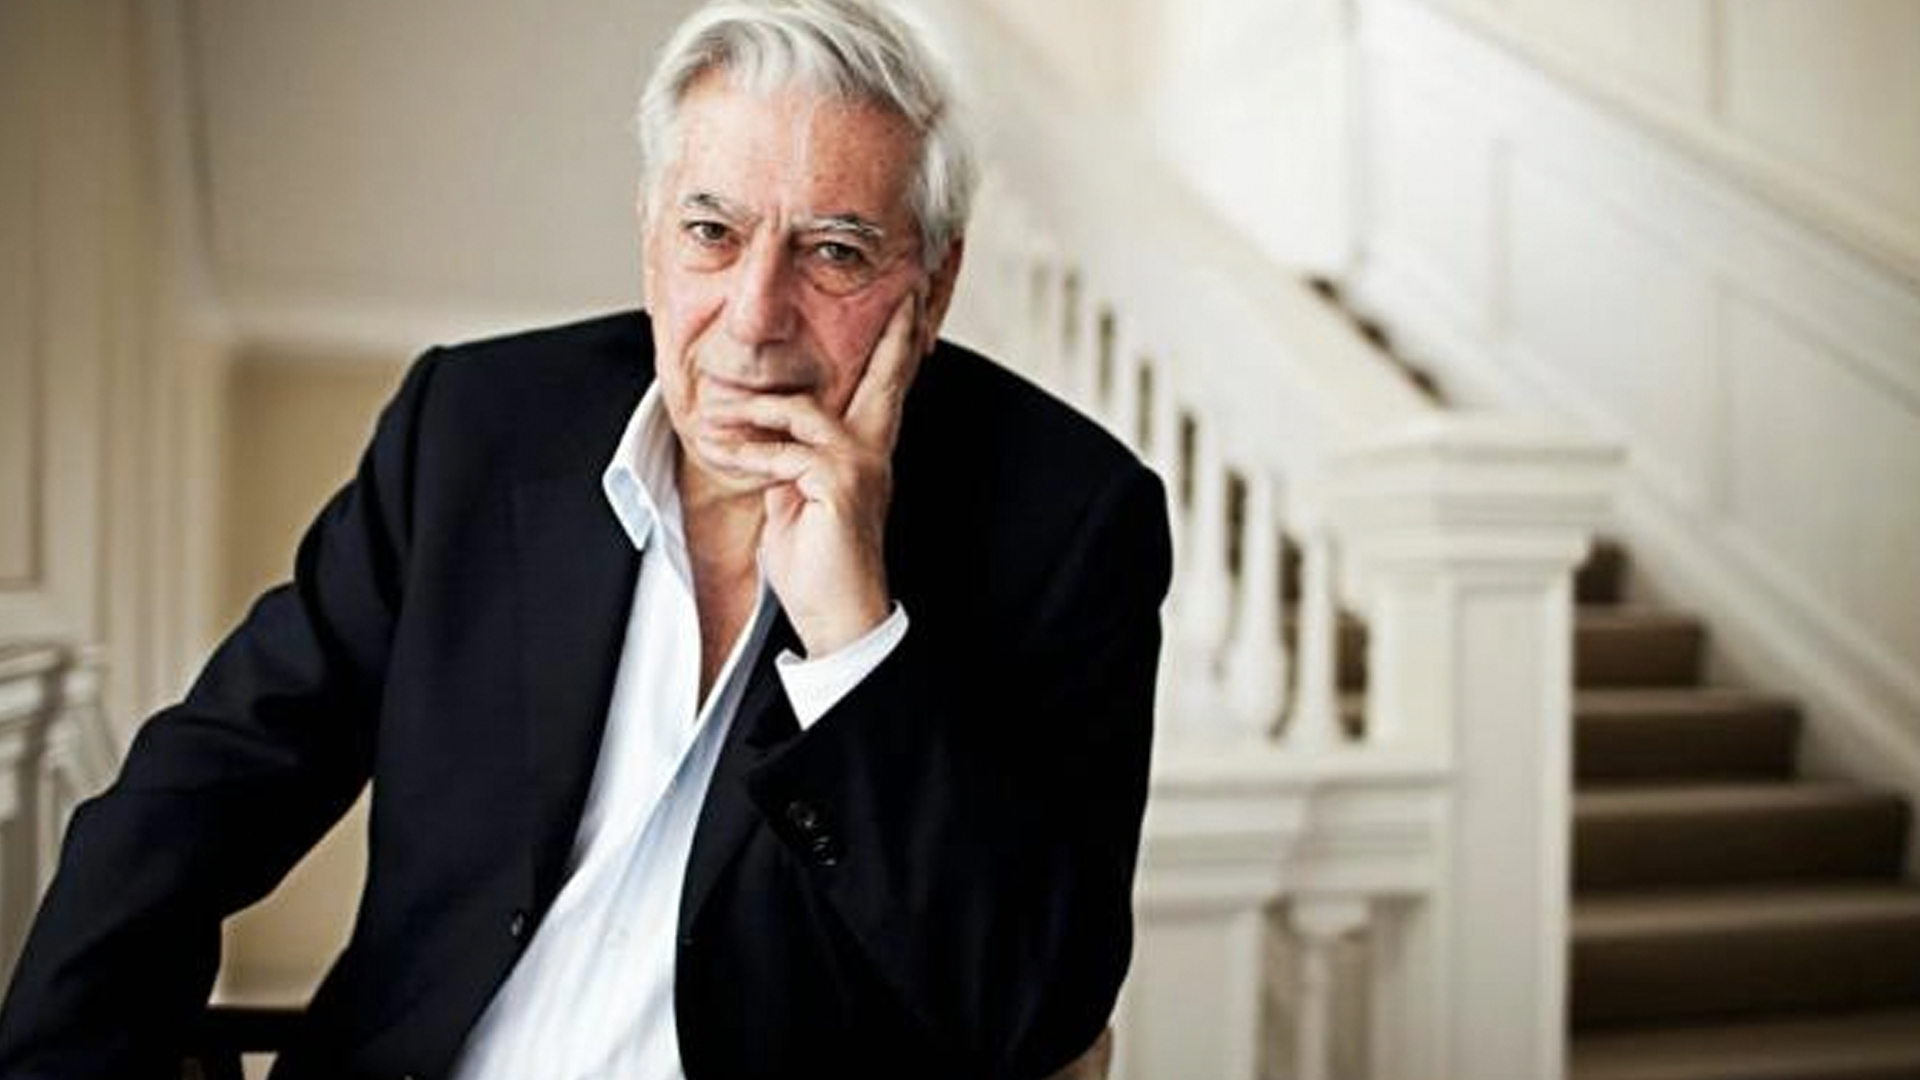 Triunfo de López Obrador tendría consecuencias muy negativas para AL: Vargas Llosa